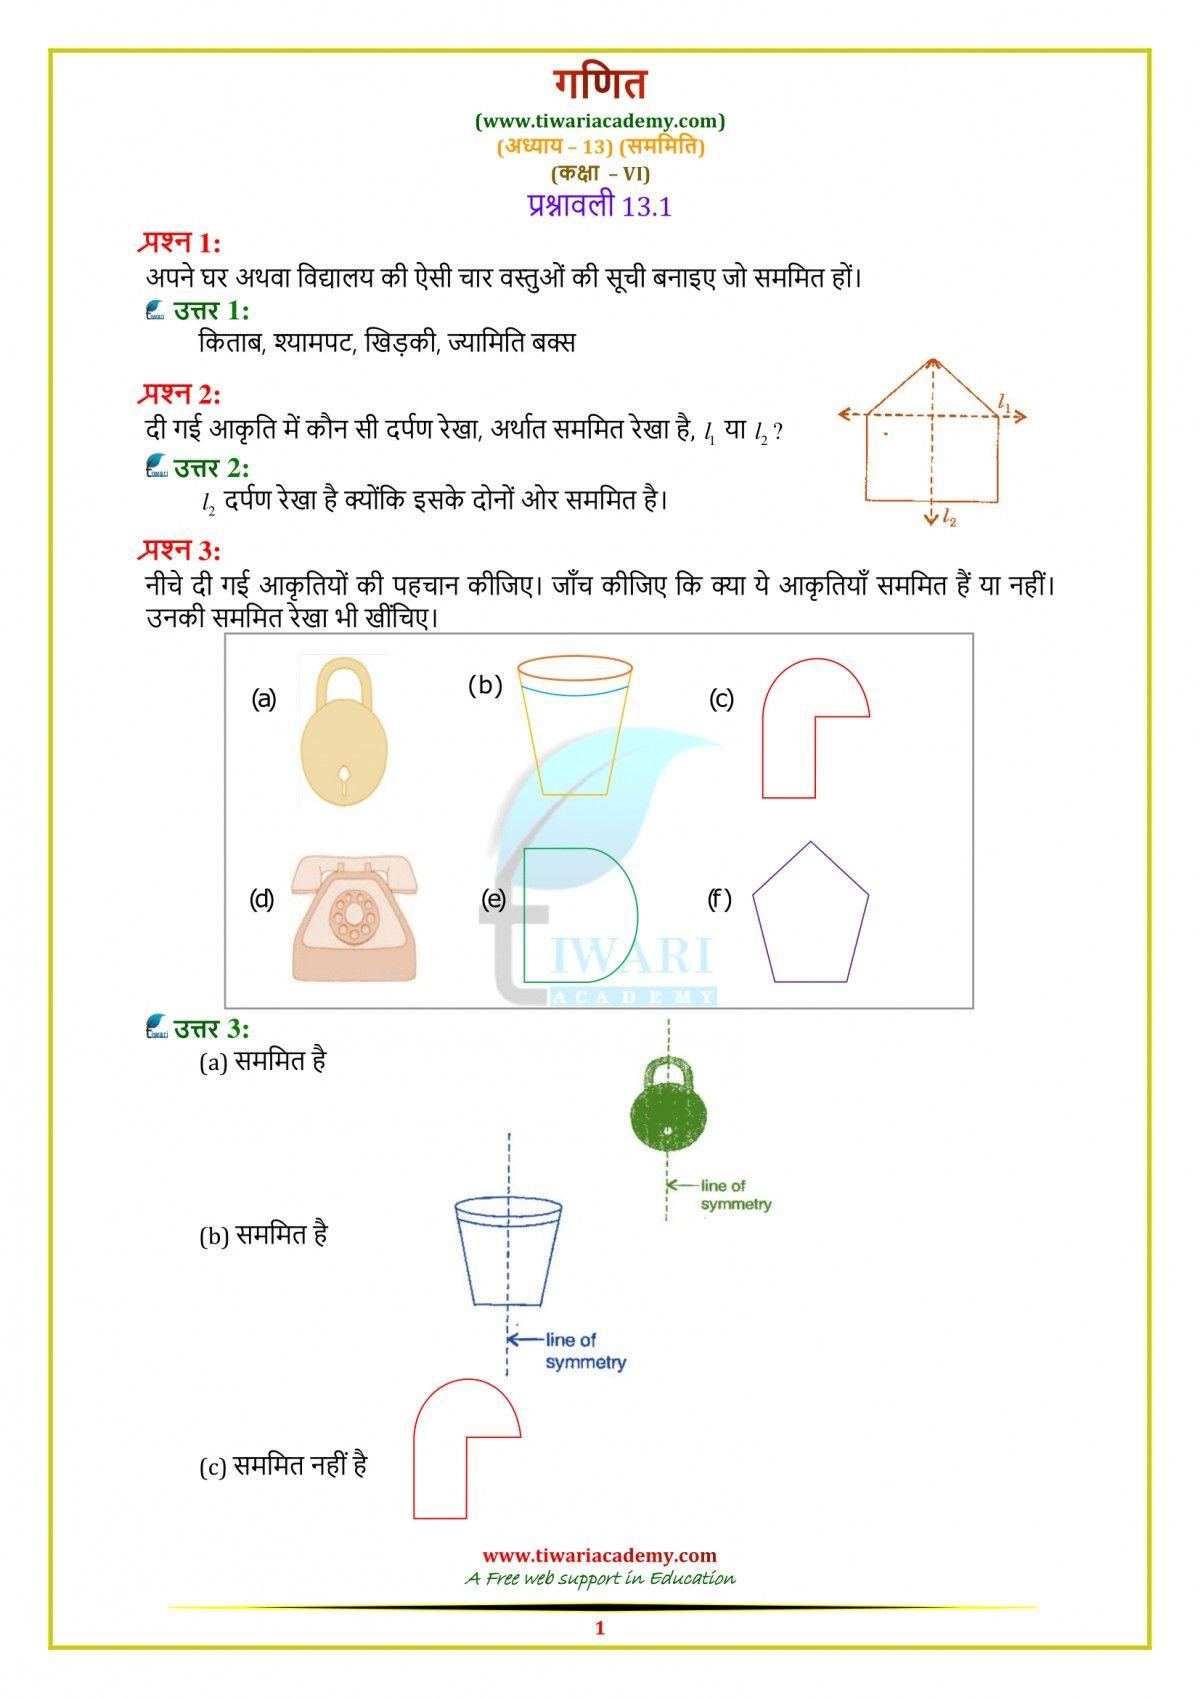 Pin By Tiwari Academy On Class 6 Maths Class 6 Maths Math Solutions [ 1698 x 1200 Pixel ]